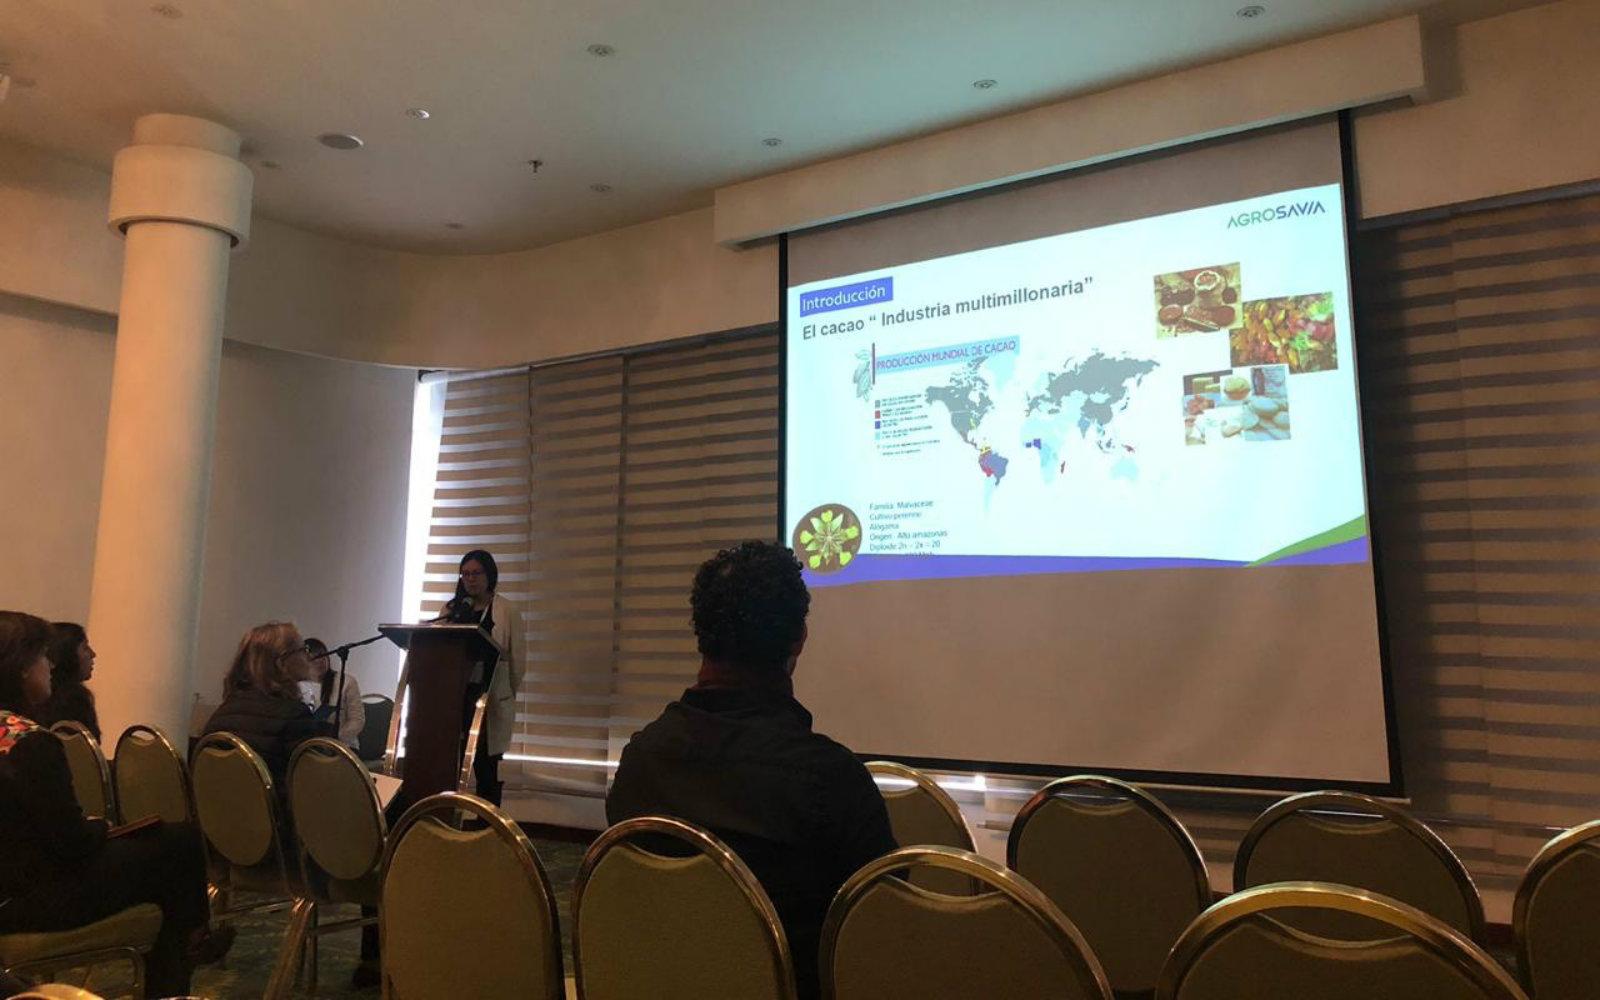 AGROSAVIA estuvo presente en el congreso C2B2